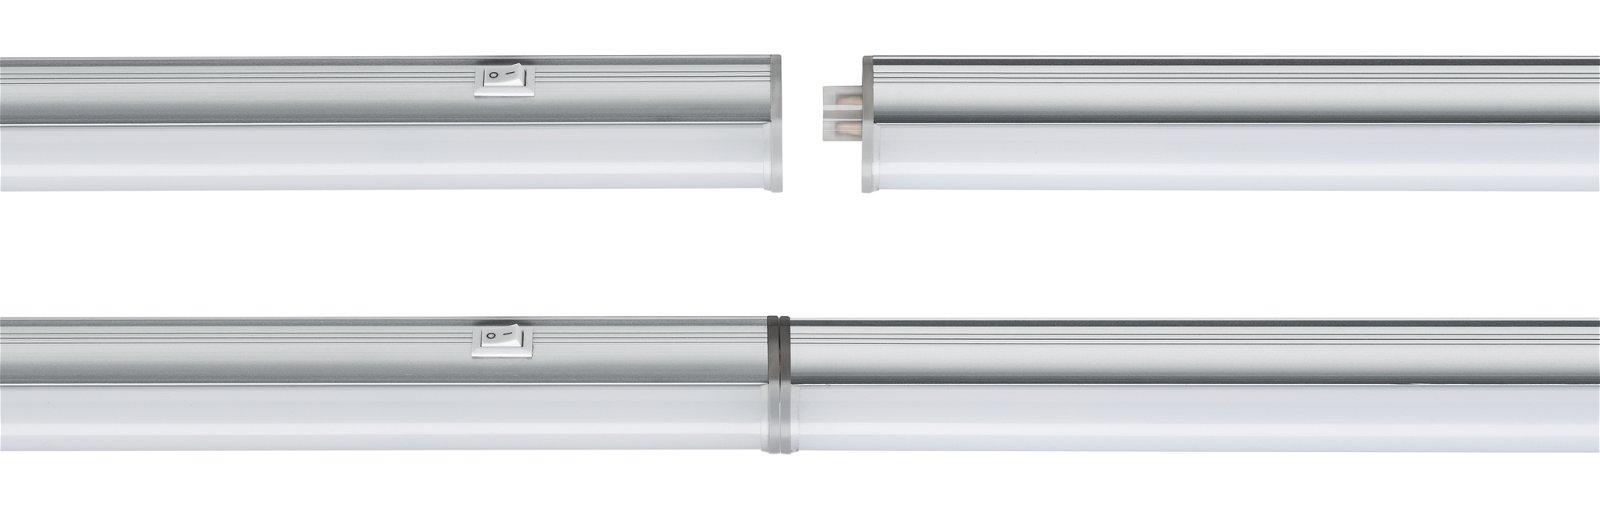 LED Unterschrankleuchte Bond 889x25mm 950lm 230V 4000K Satin